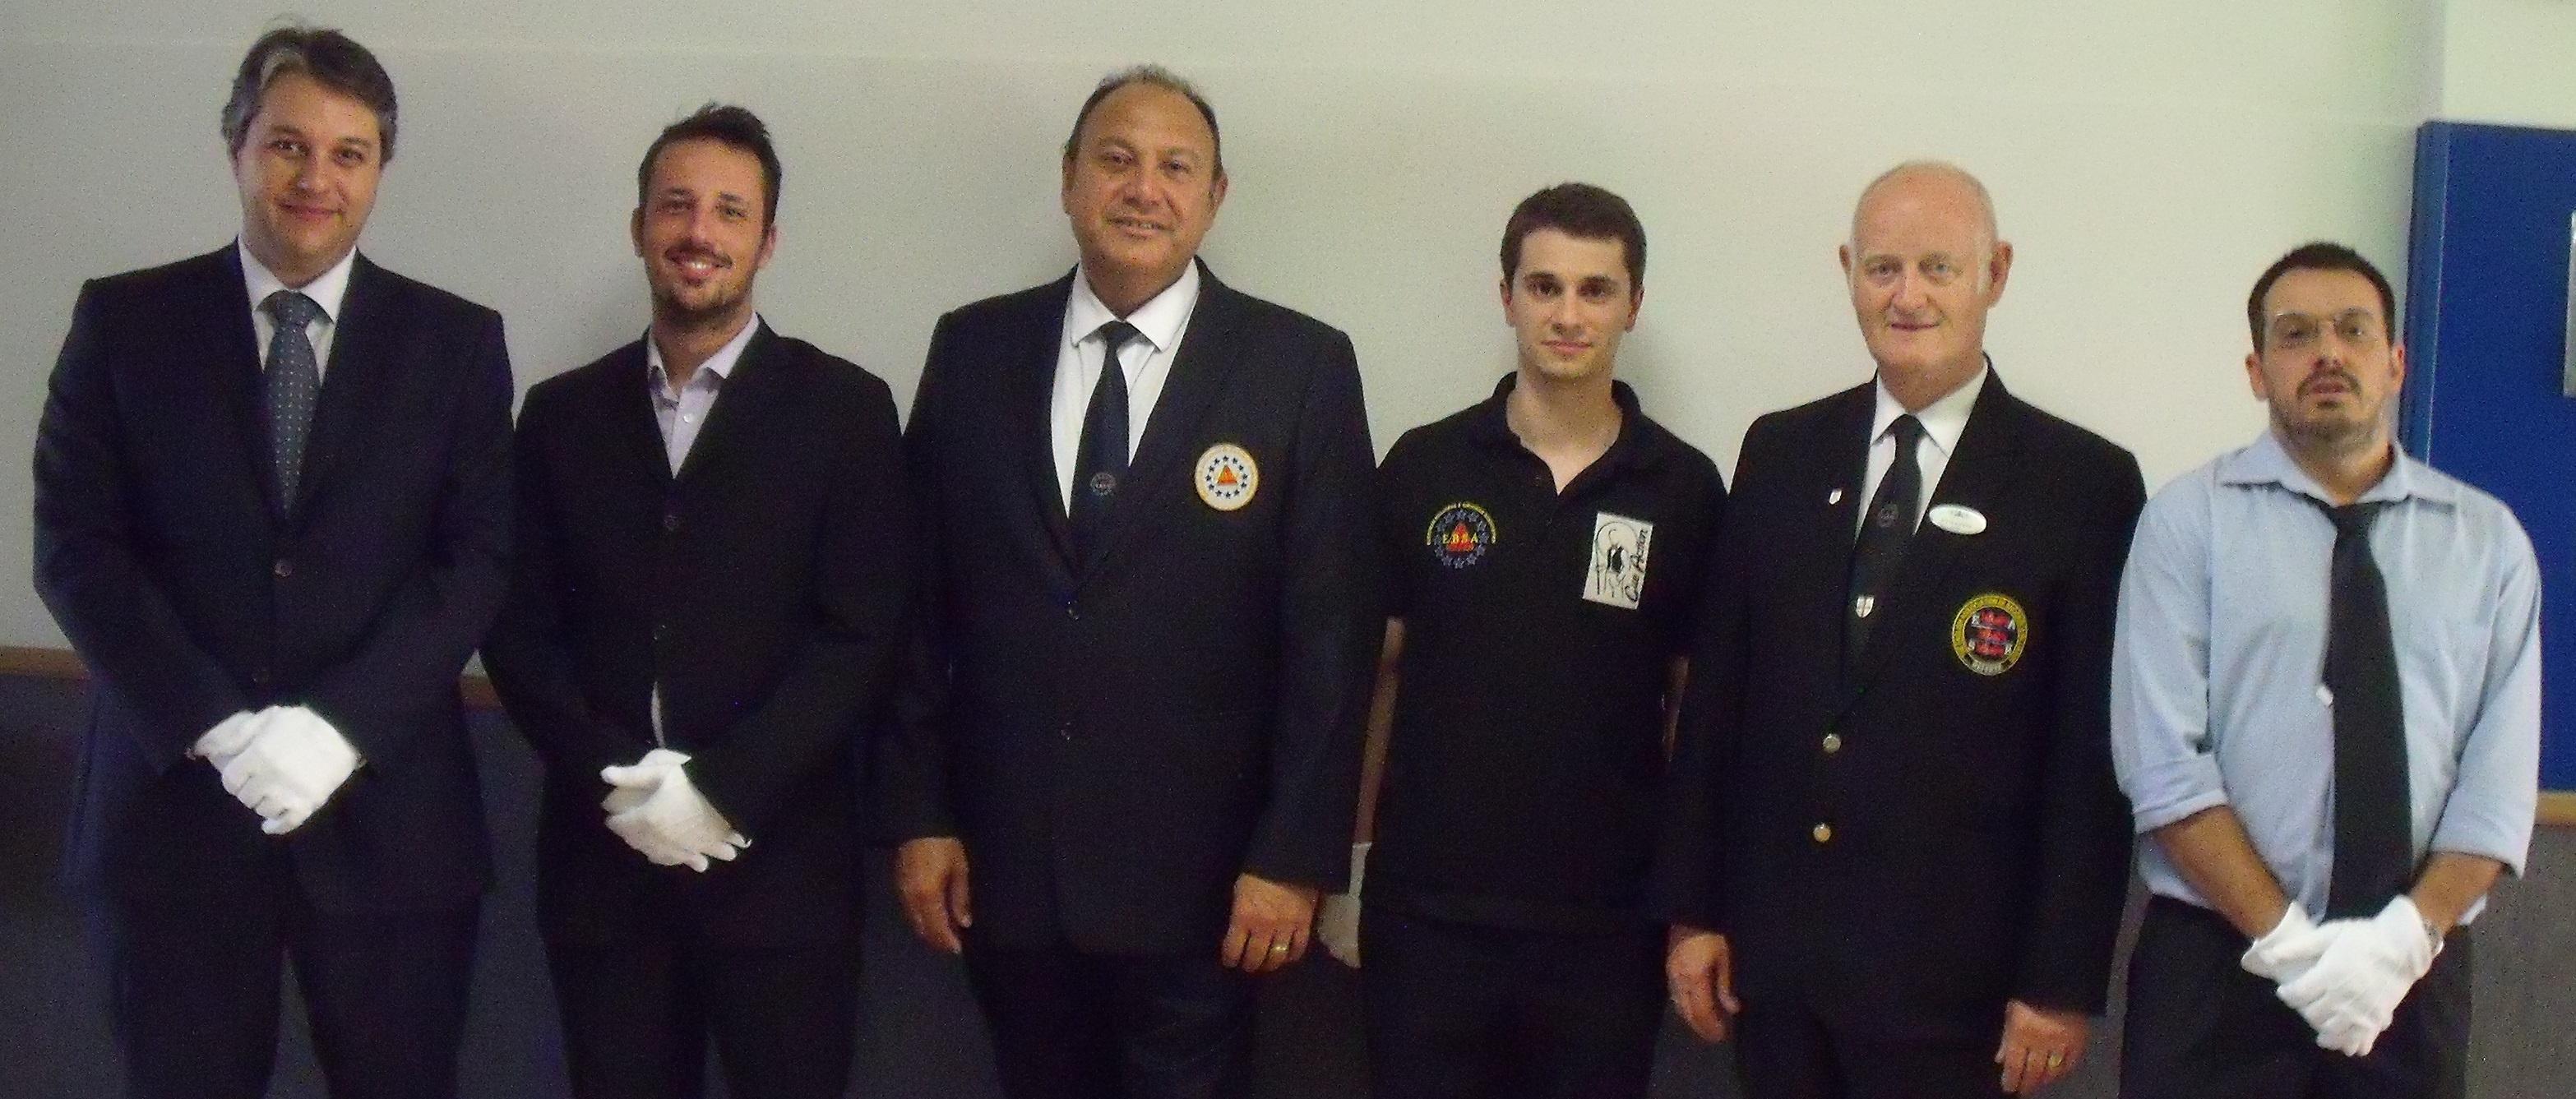 Portuguese Referee Seminar